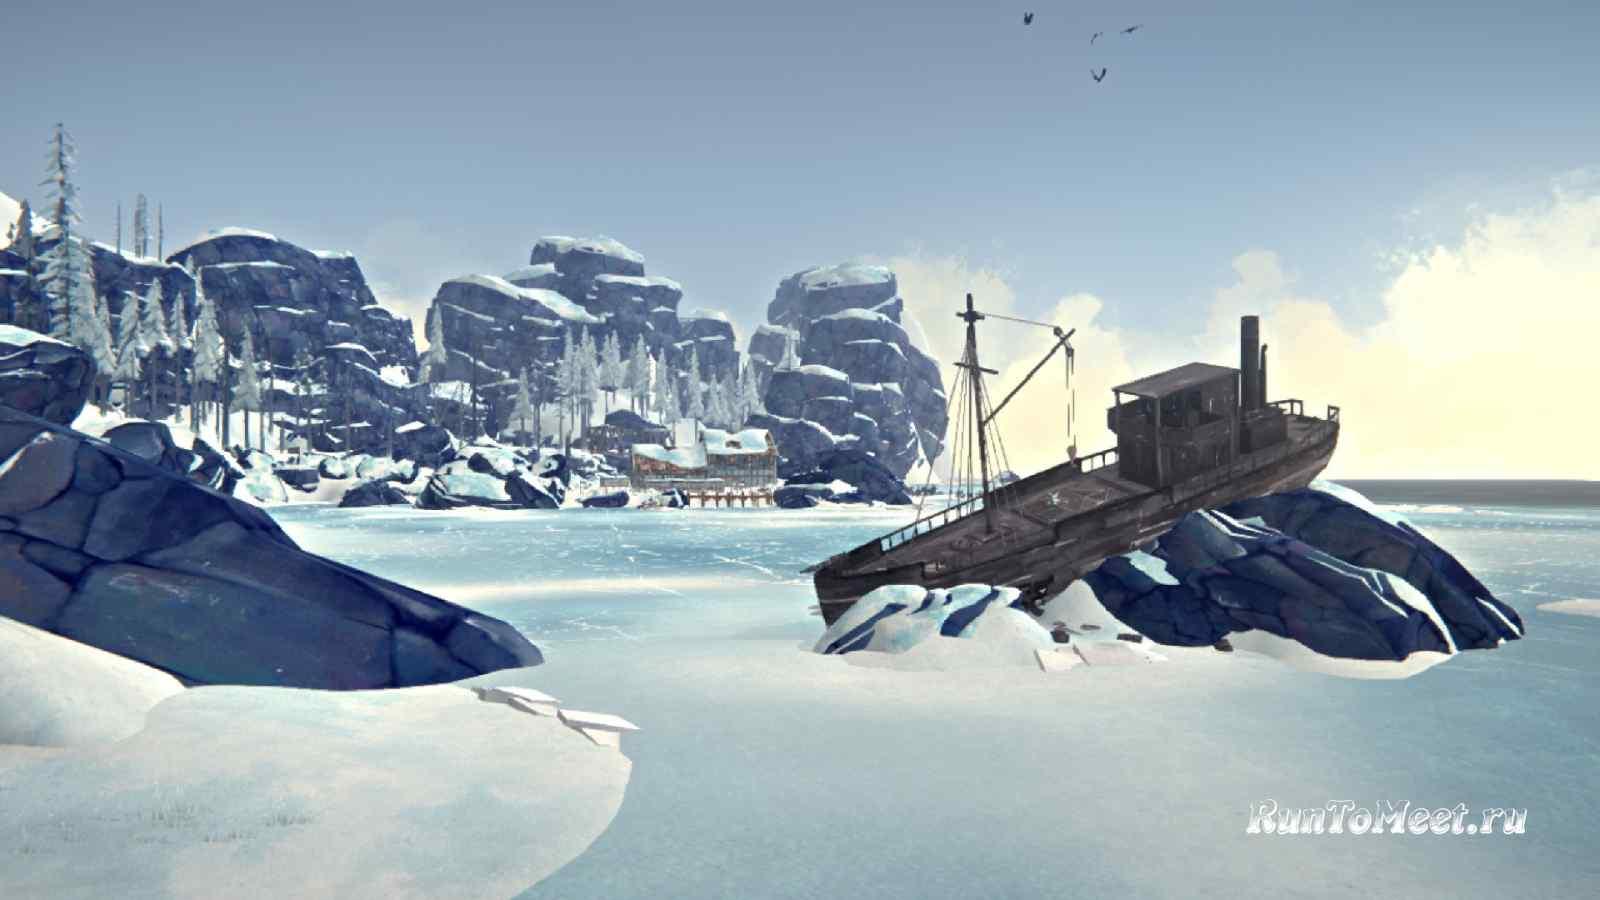 Китобойное судно, на локации Зона Запустения, в игре The long dark